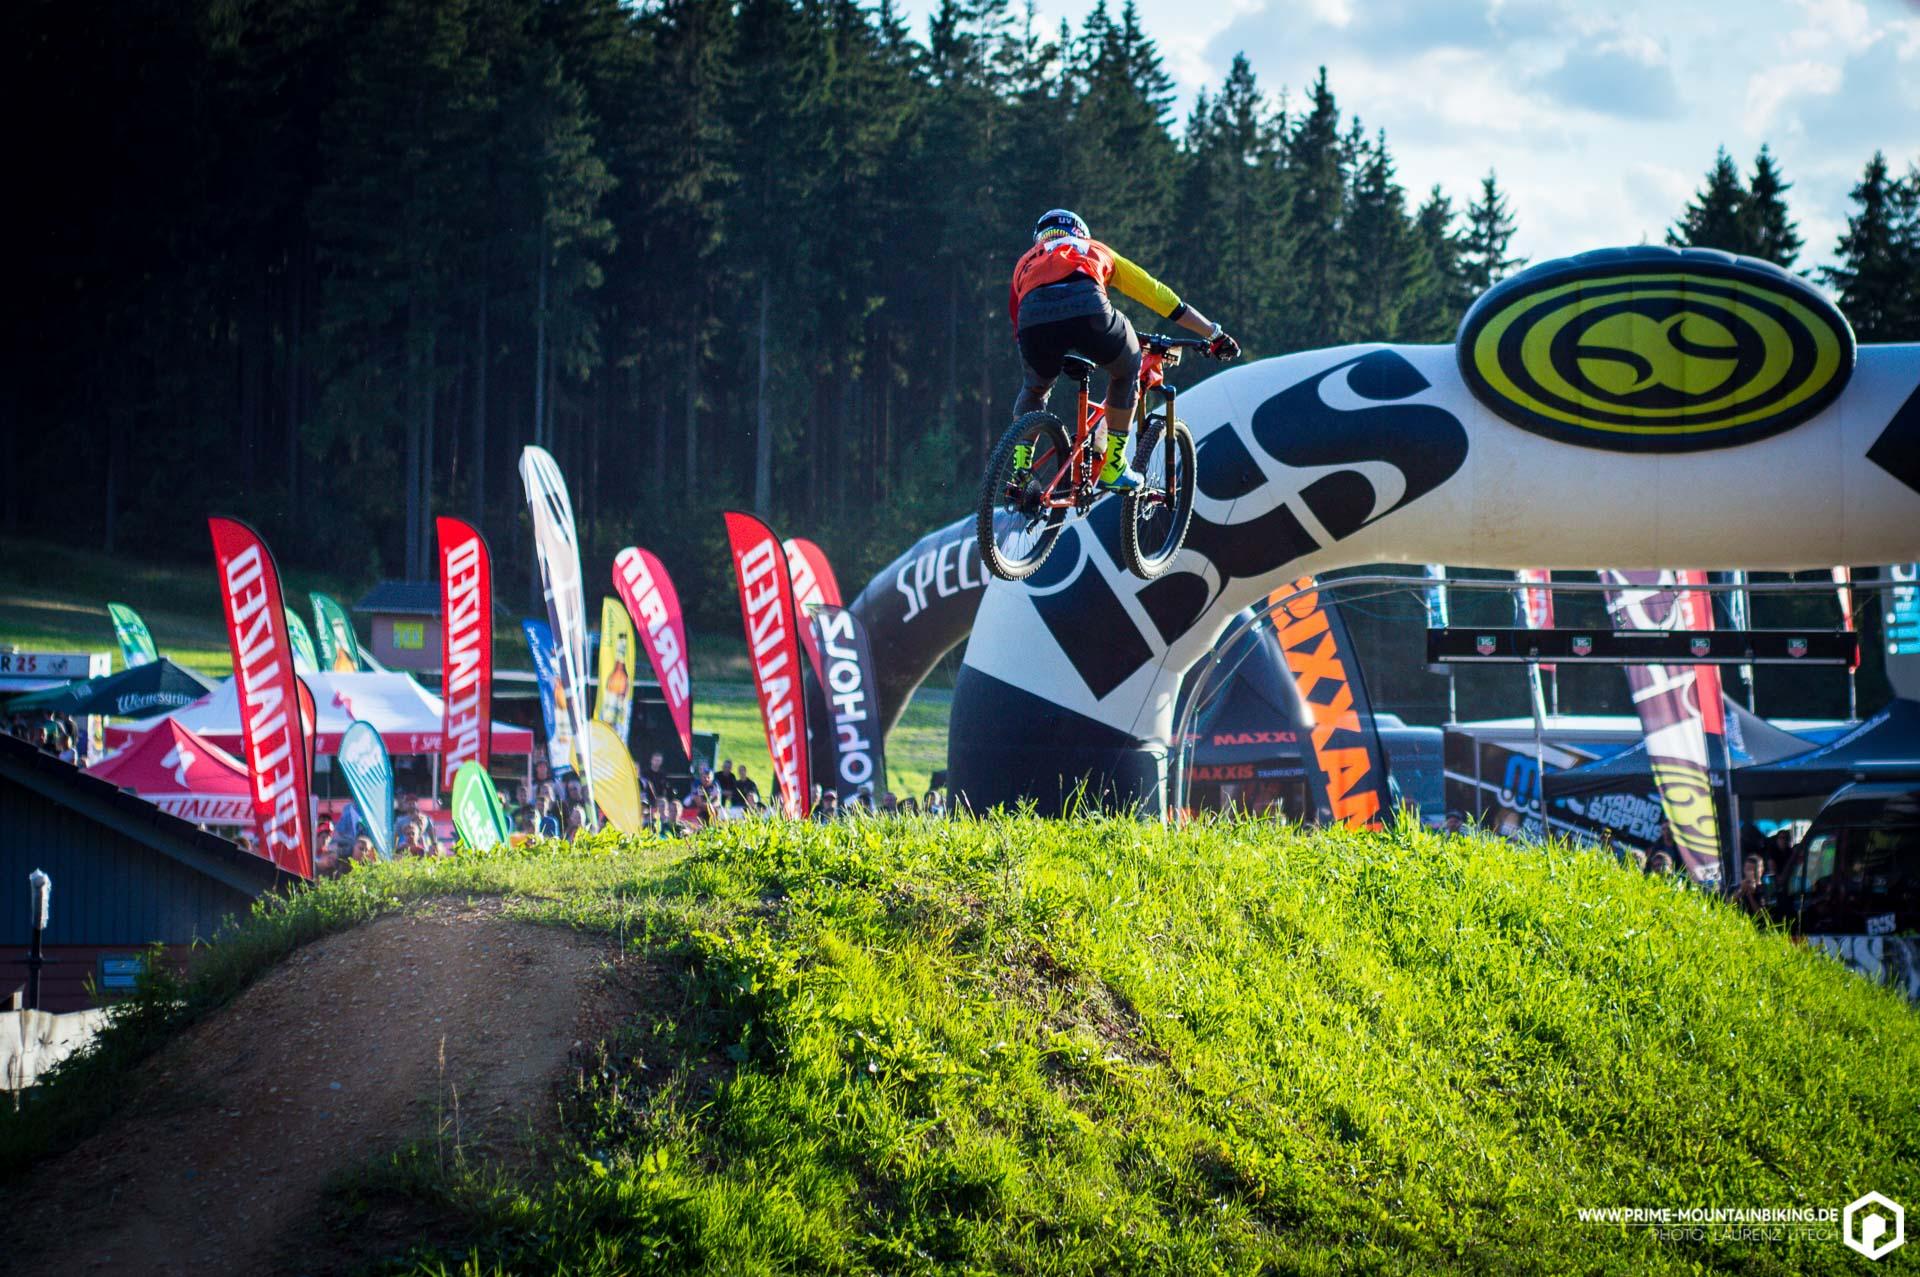 Michal Prokop schießt sich über den Zielsprung in der Bikewelt Schöneck.